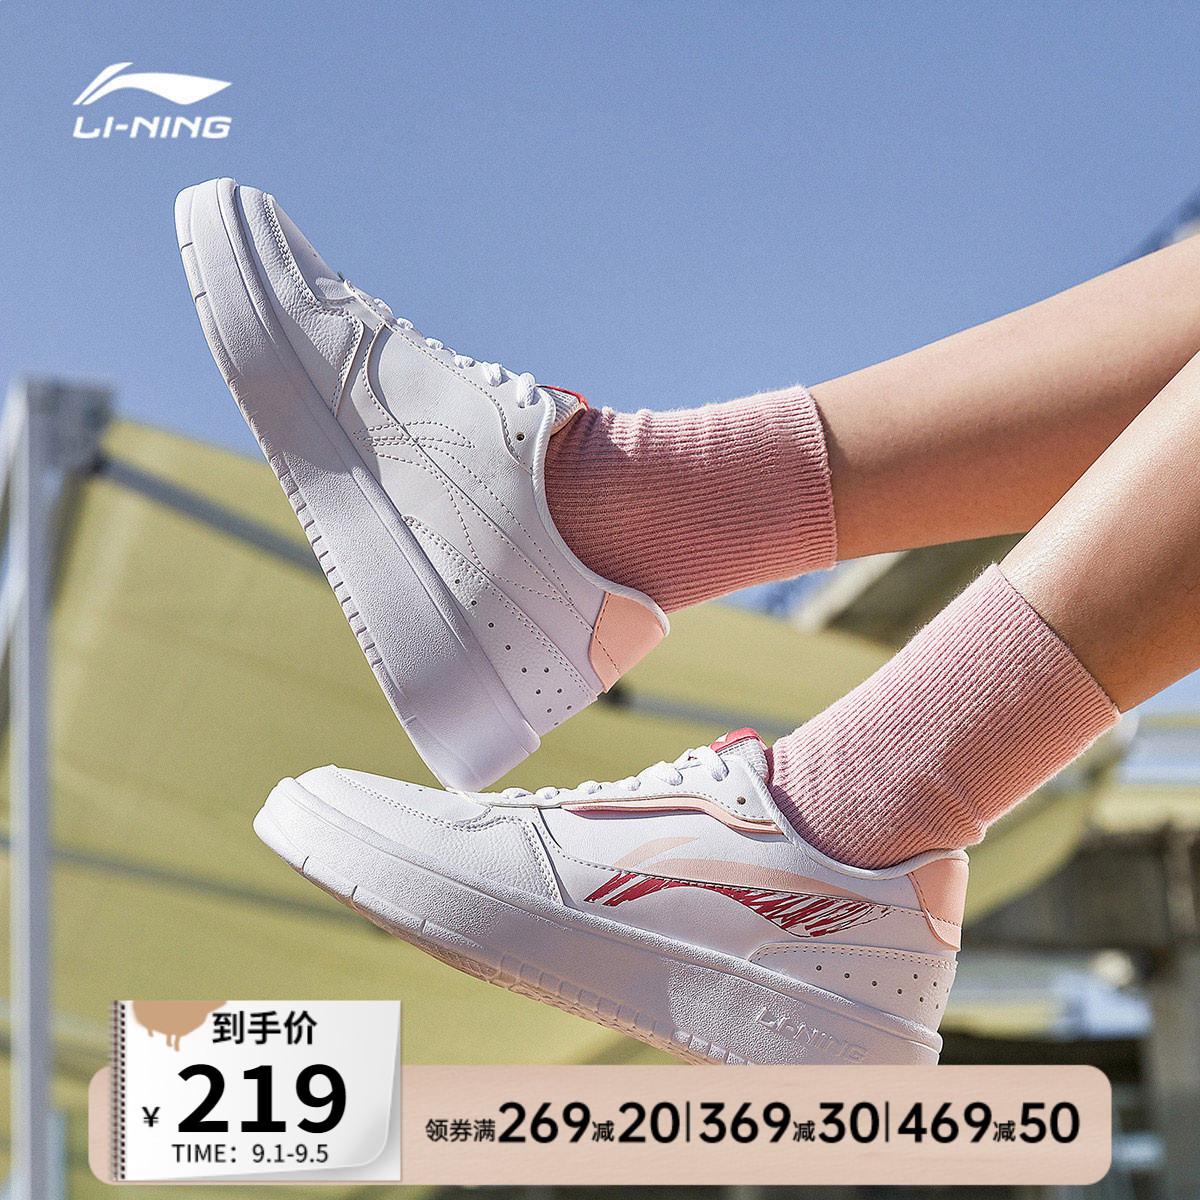 李宁板鞋女鞋2021秋季女休闲鞋时尚经典滑板运动鞋低帮百搭小白鞋